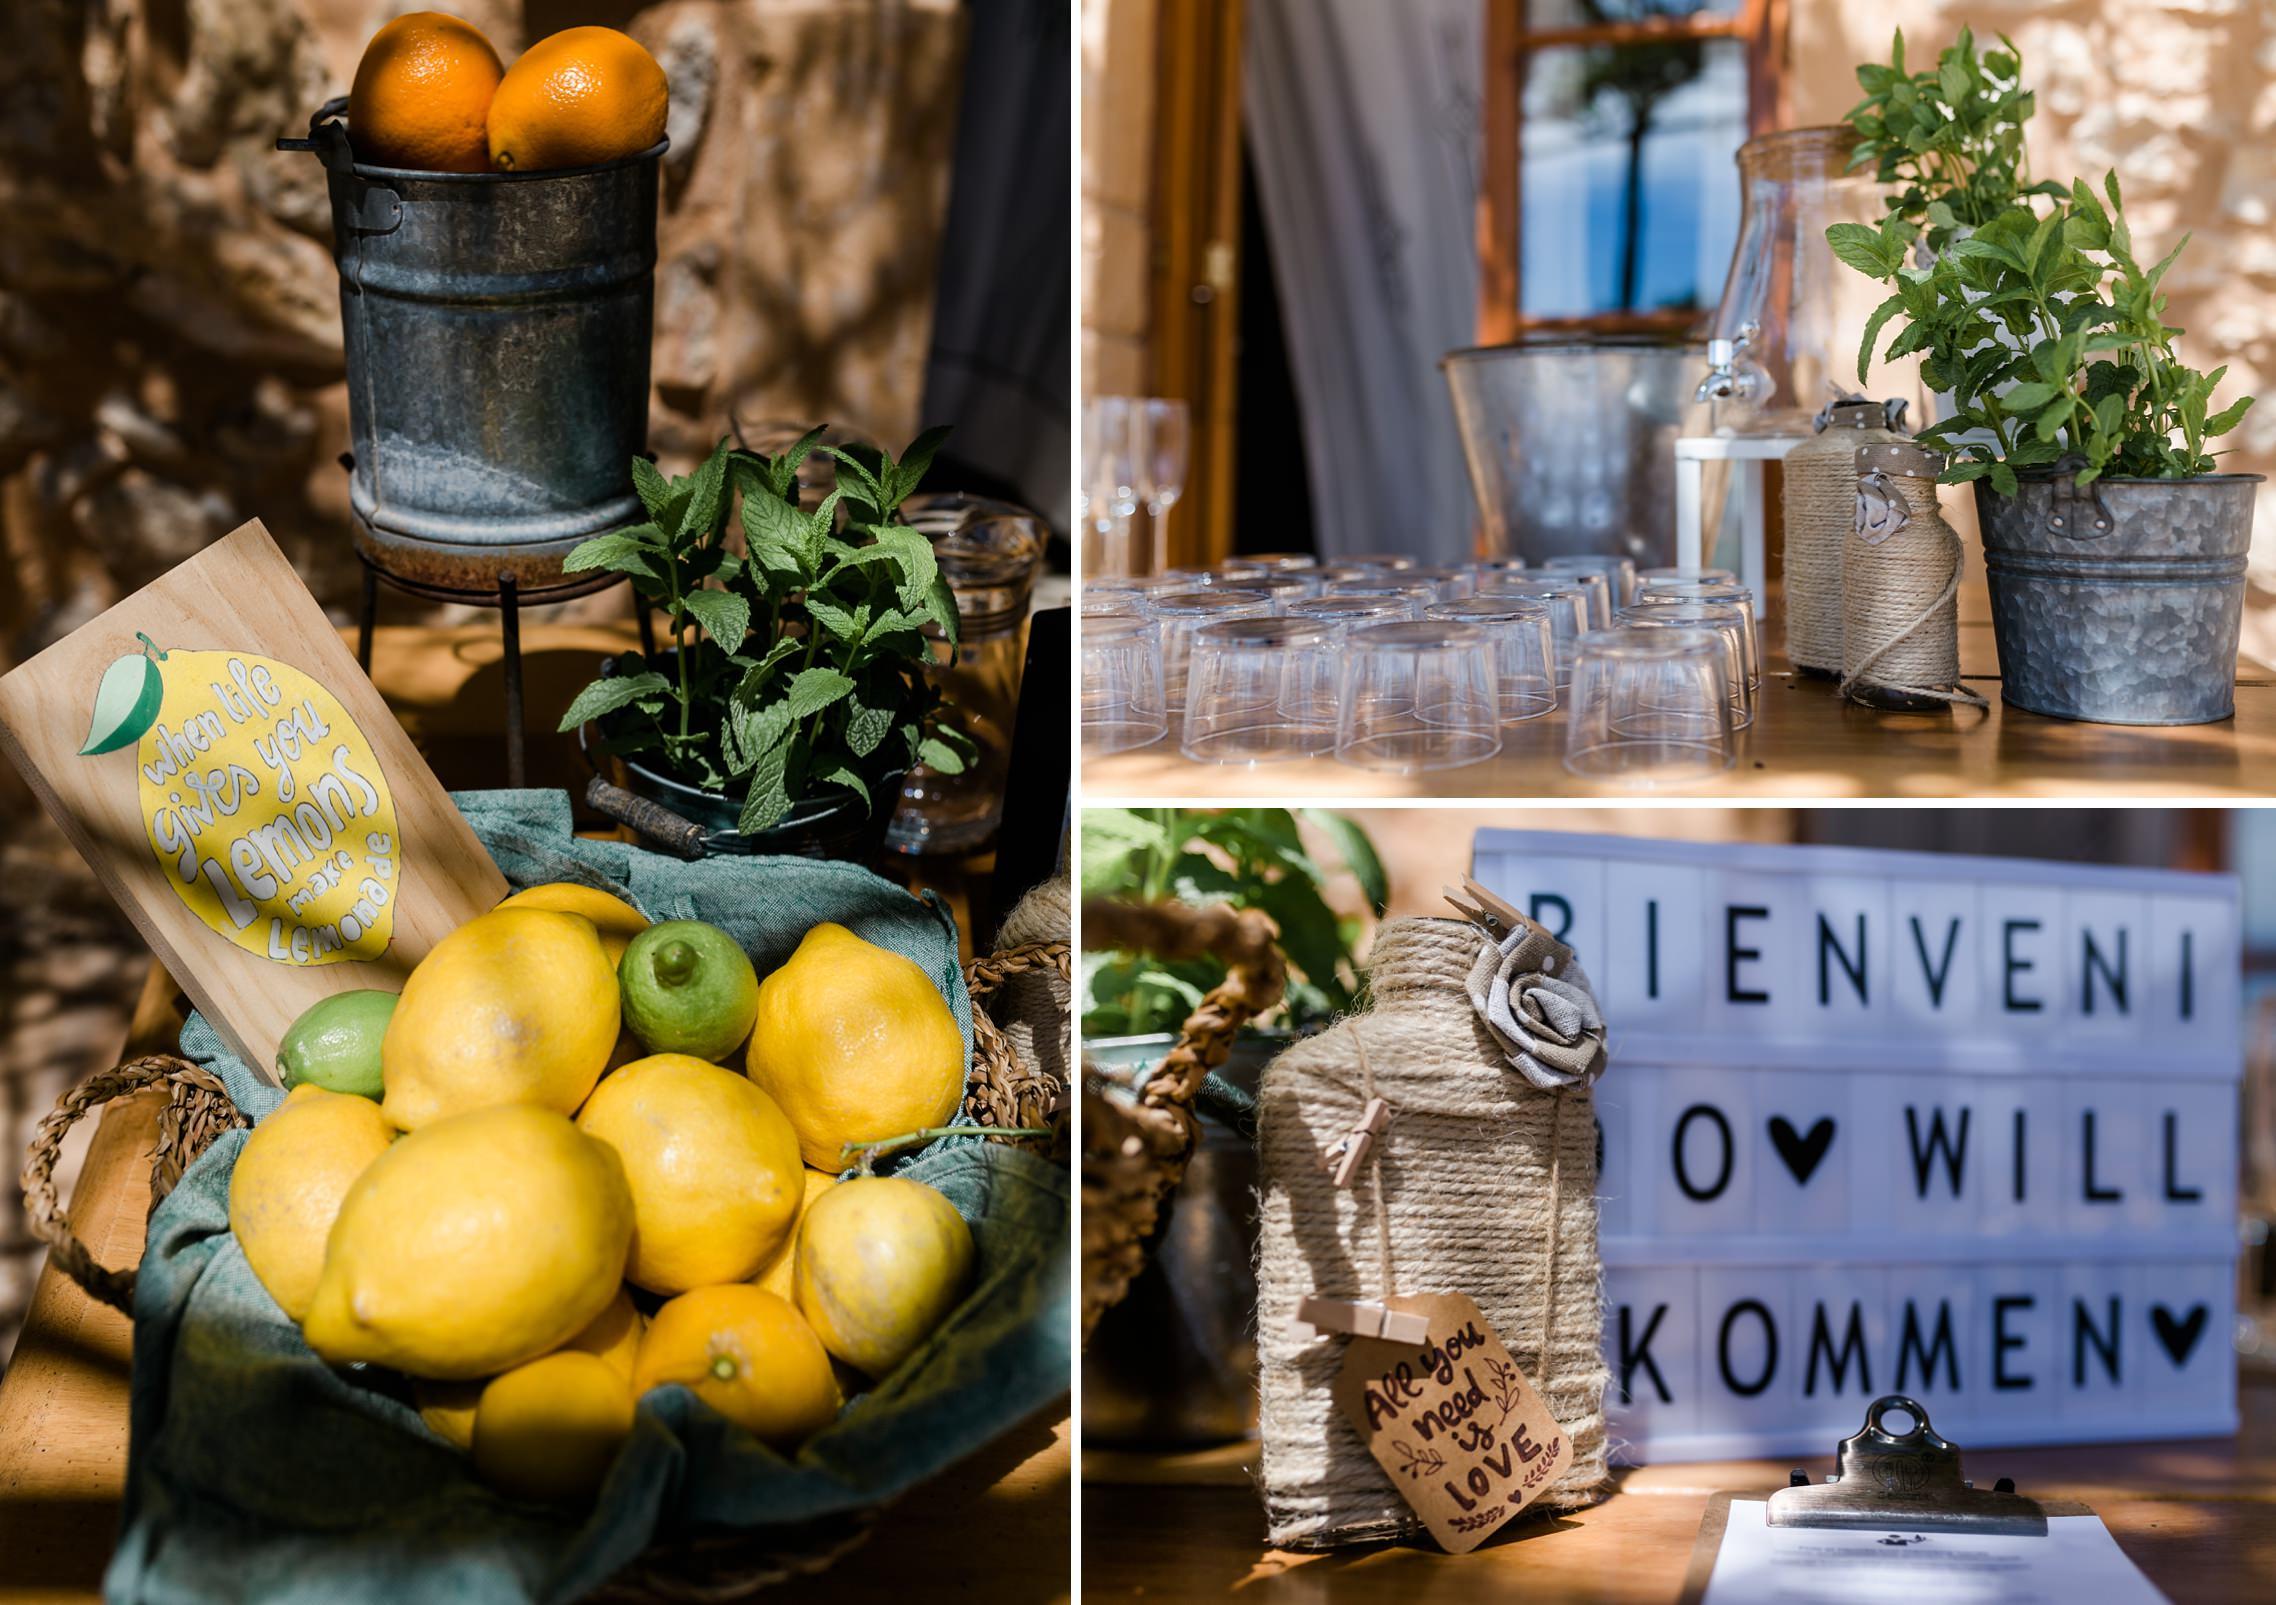 Englische Inschrift auf einem Schild in einem Korb mit Zitronen: Wenn das Leben Dir Zitronen gibt, mach Limonade!